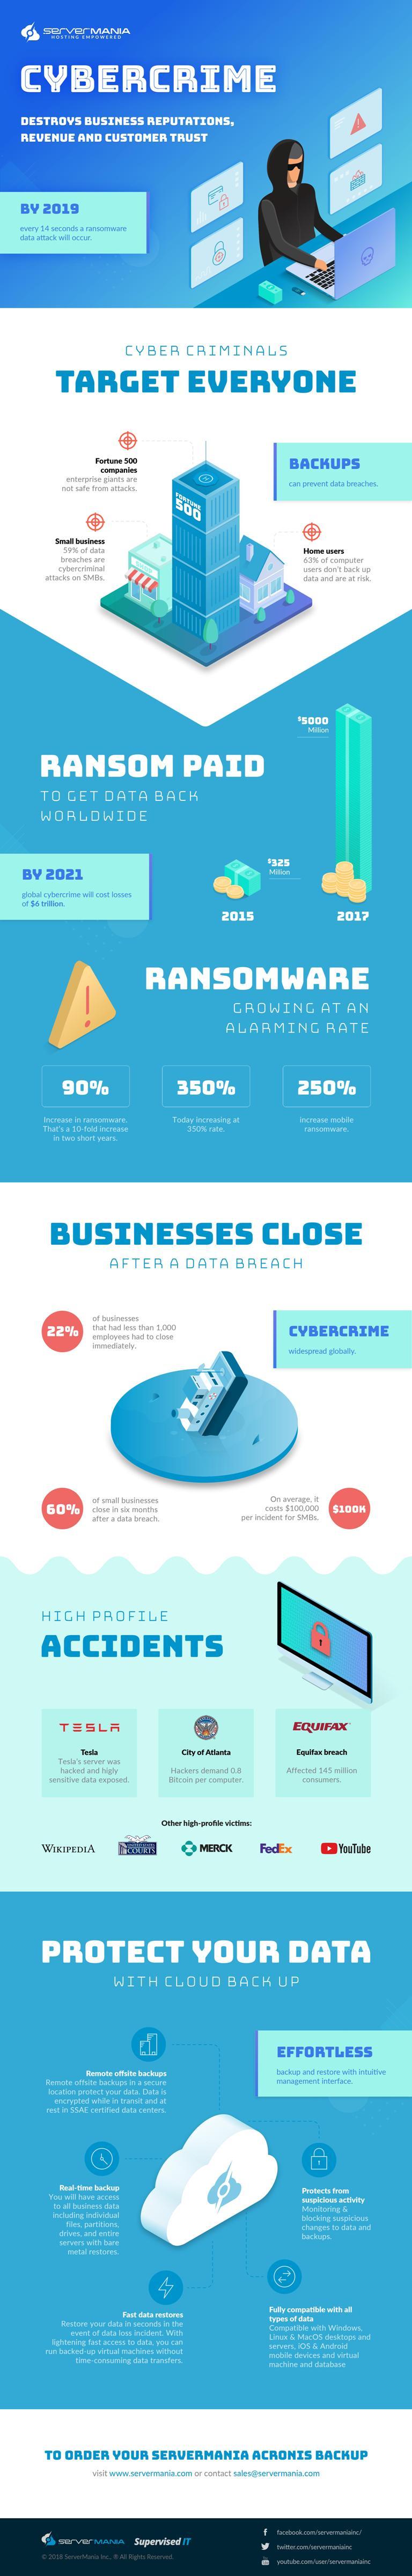 prevent cybercrime